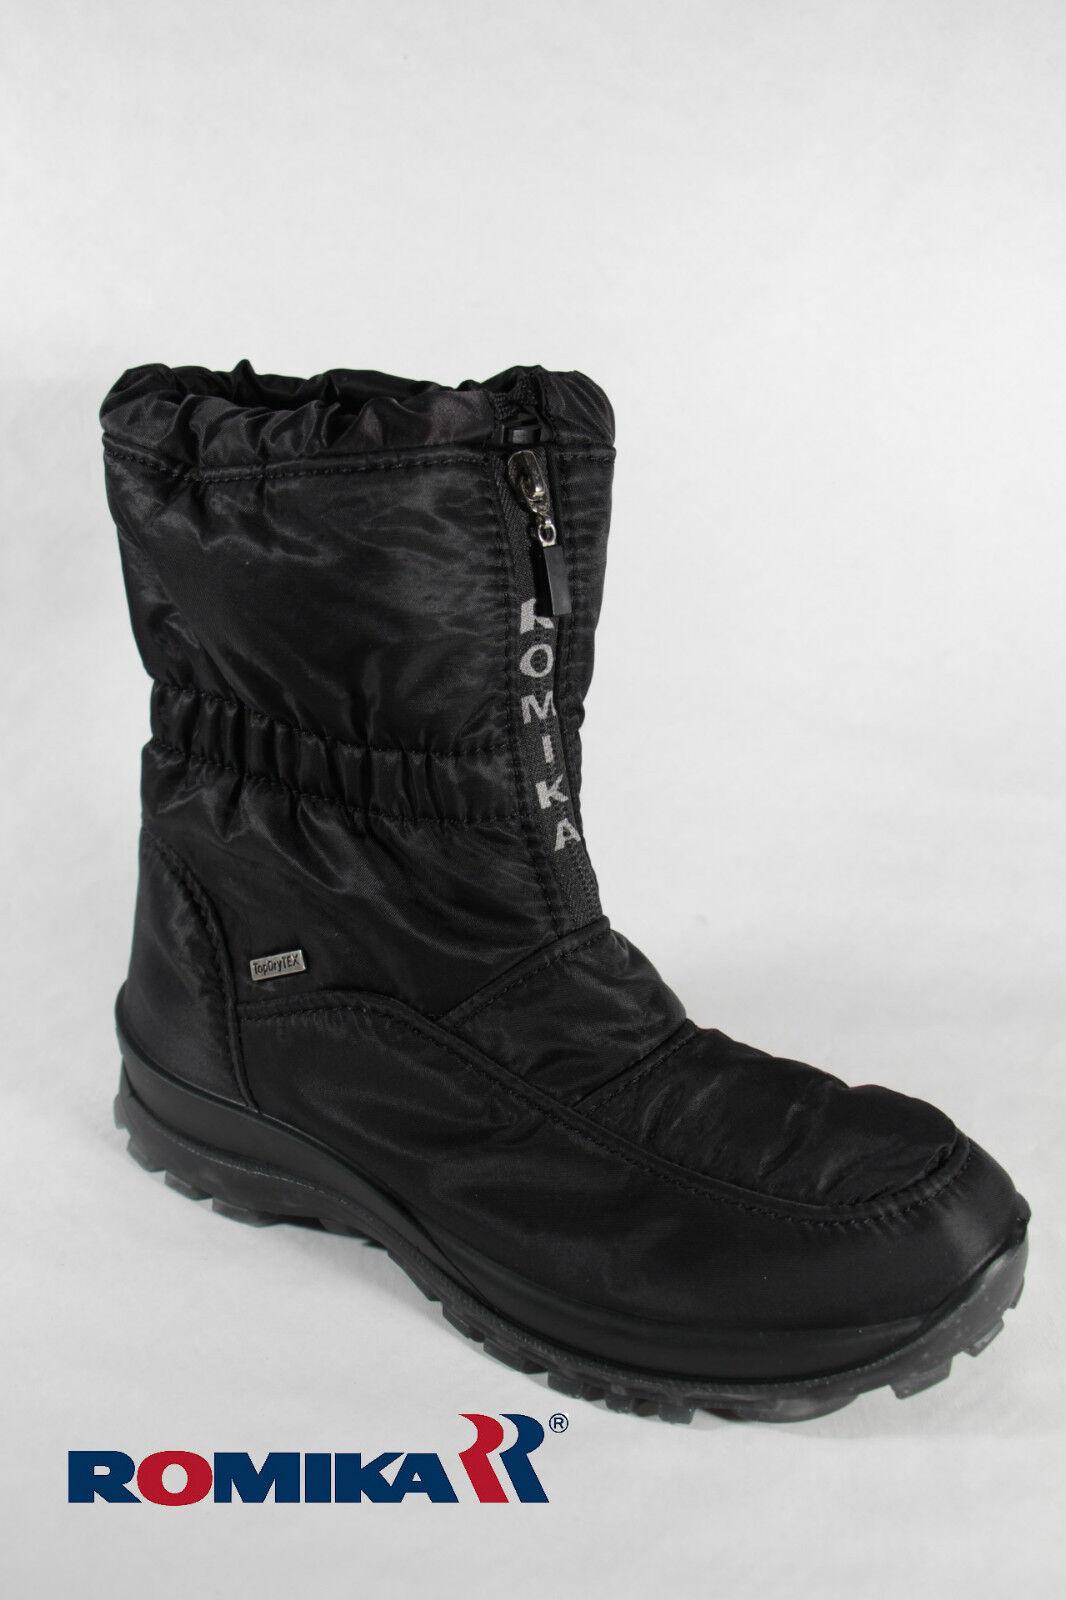 Romika Damen Stiefel Stiefeletten Stiefel 87018 Winterstiefel schwarz NEU